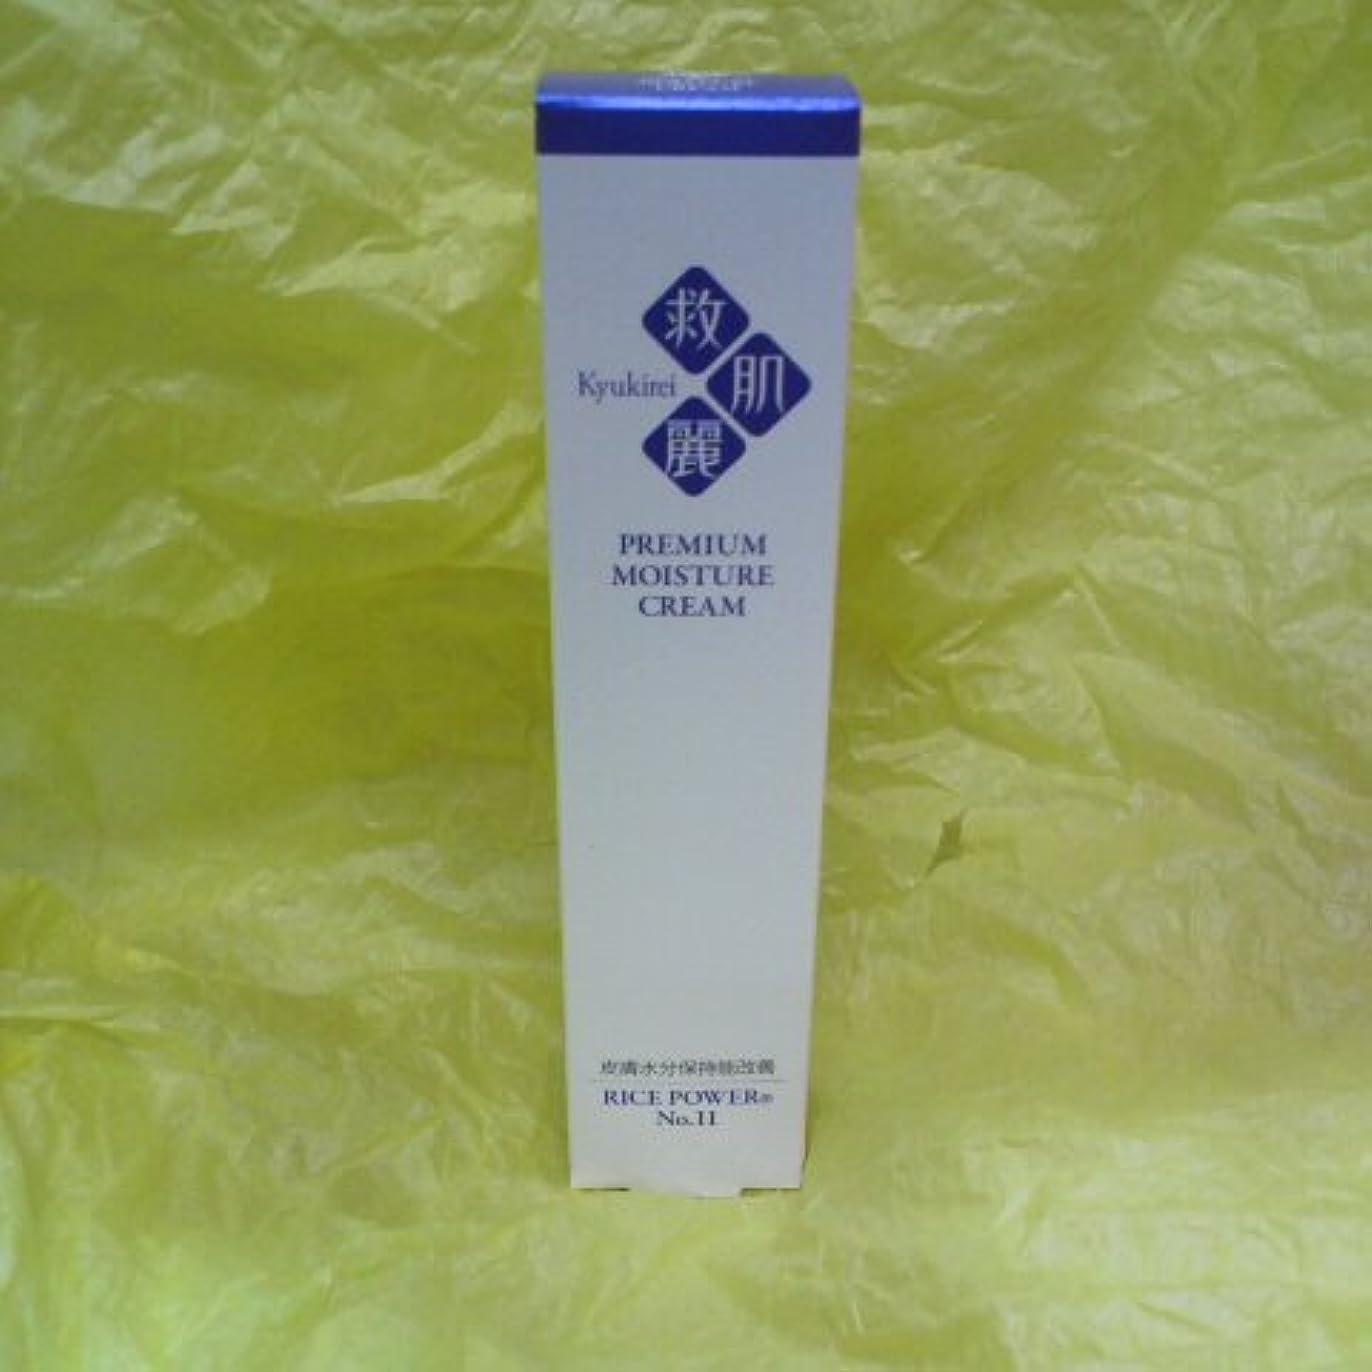 品揃え名前でアクチュエータ救肌麗 薬用クリーム 40g (ライスパワー№11配合 無香料、無着色)医薬部外品